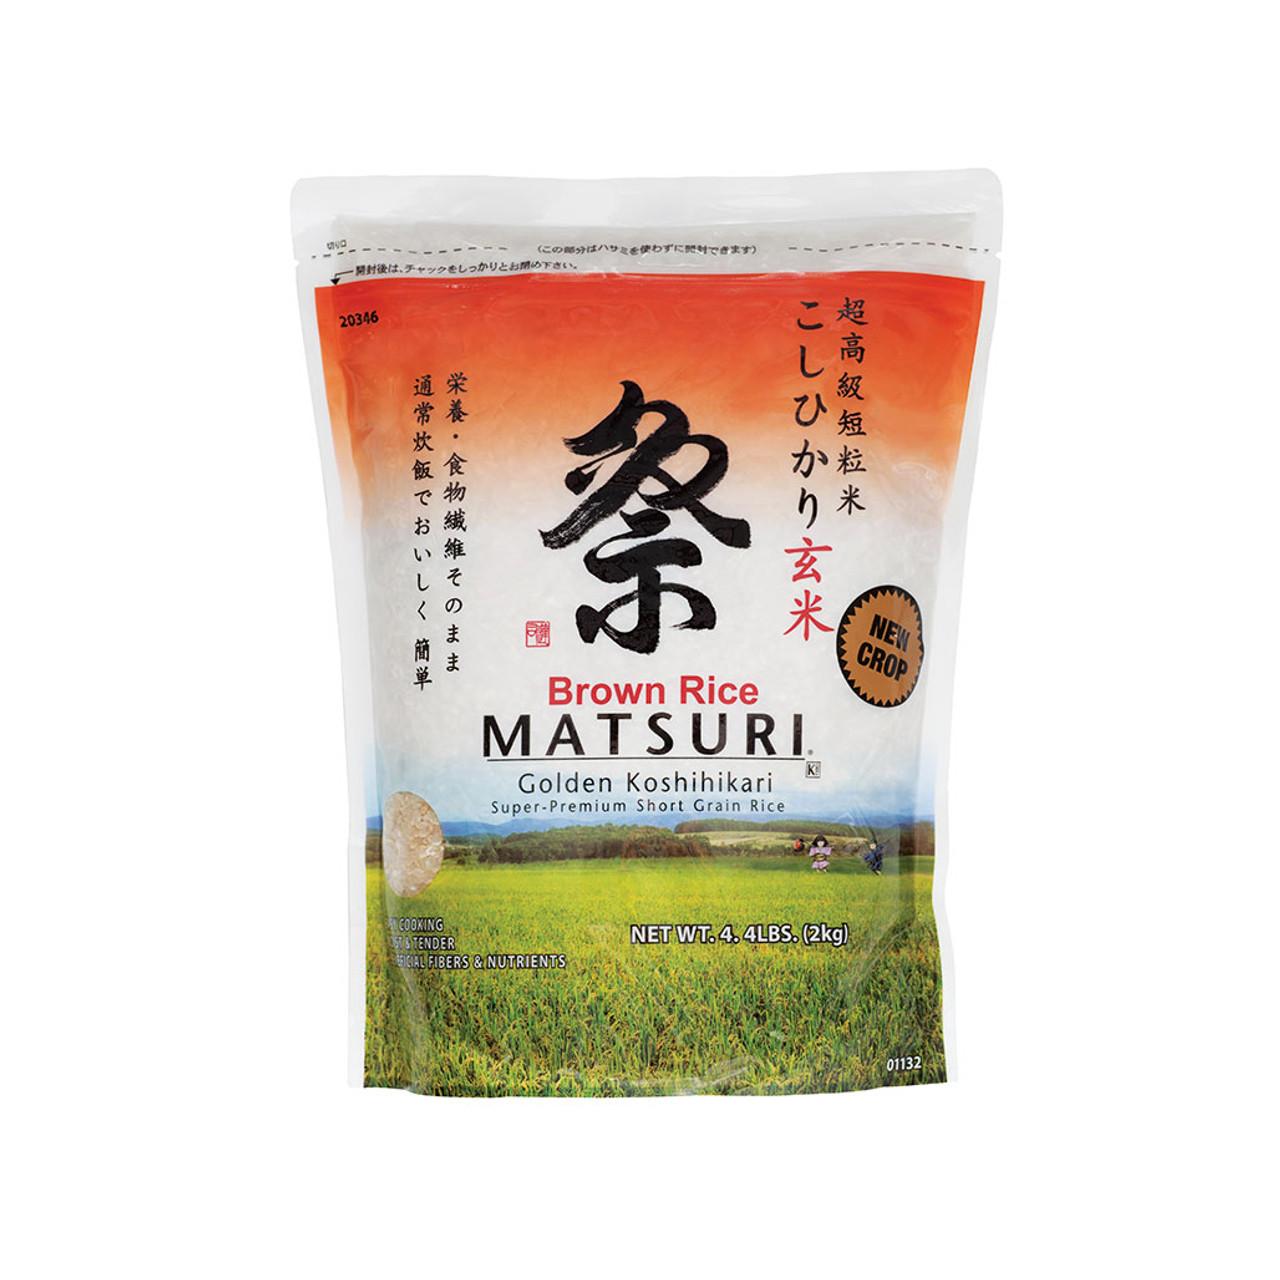 Matsuri Koshihikari Short Grain Brown Rice